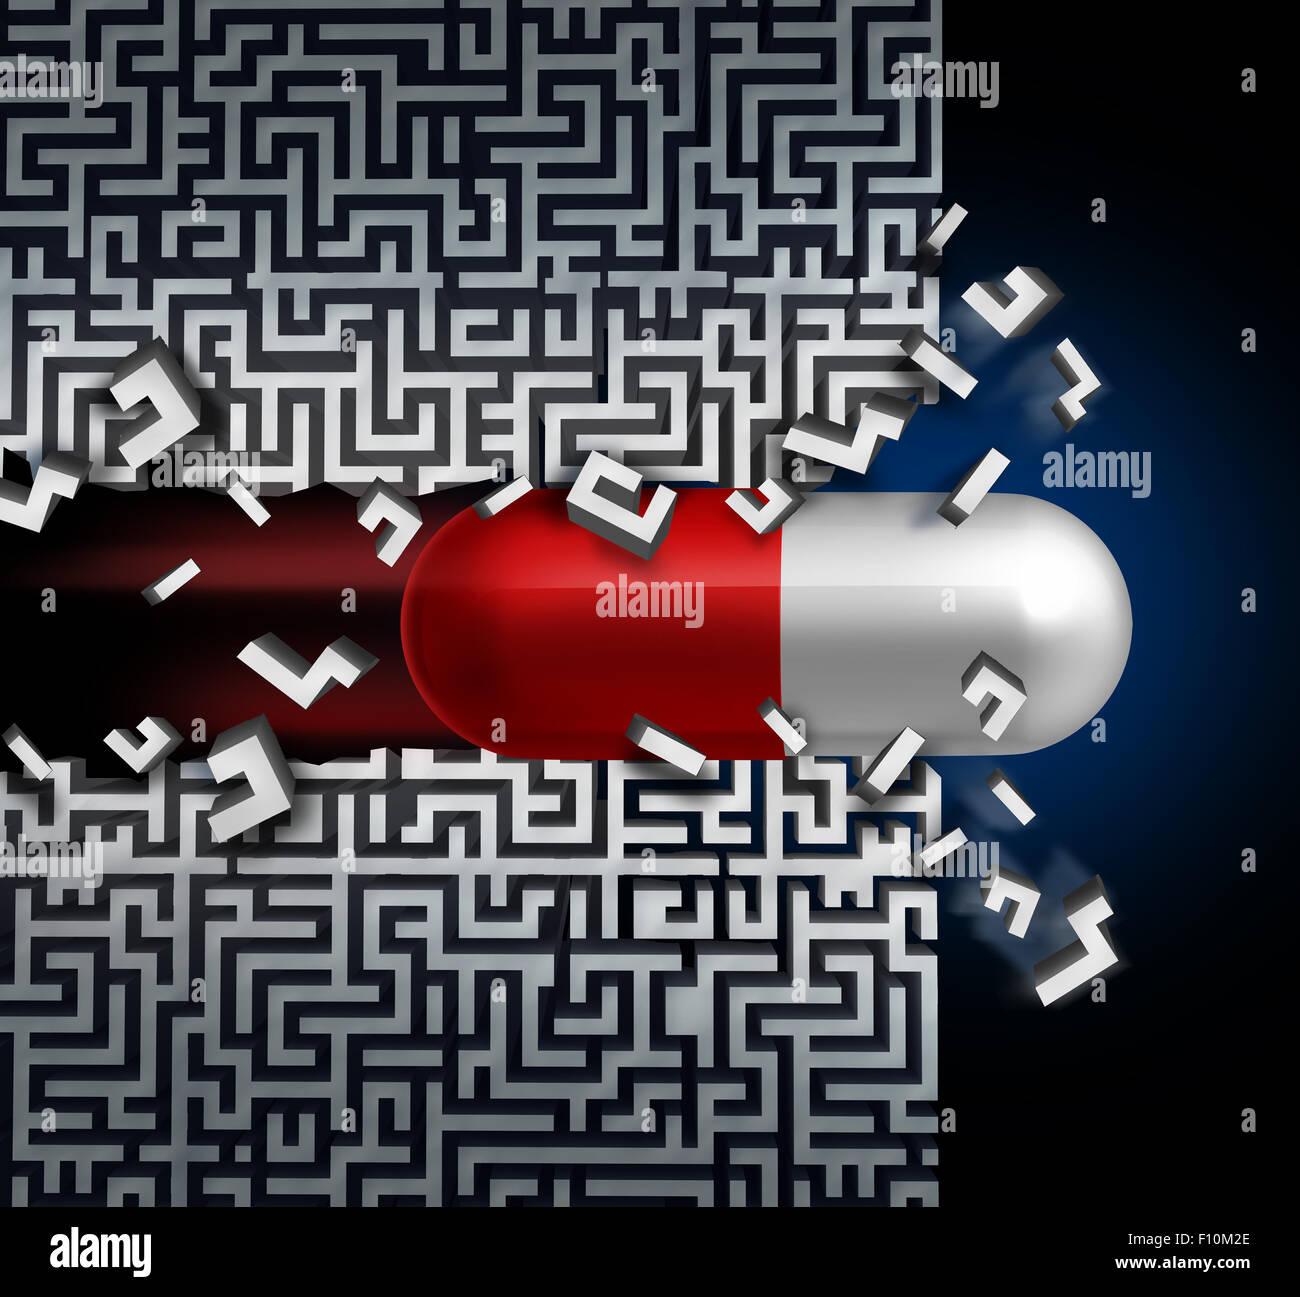 Percée médicale concept et un symbole de la découverte de médicaments efficaces comme une médecine Photo Stock